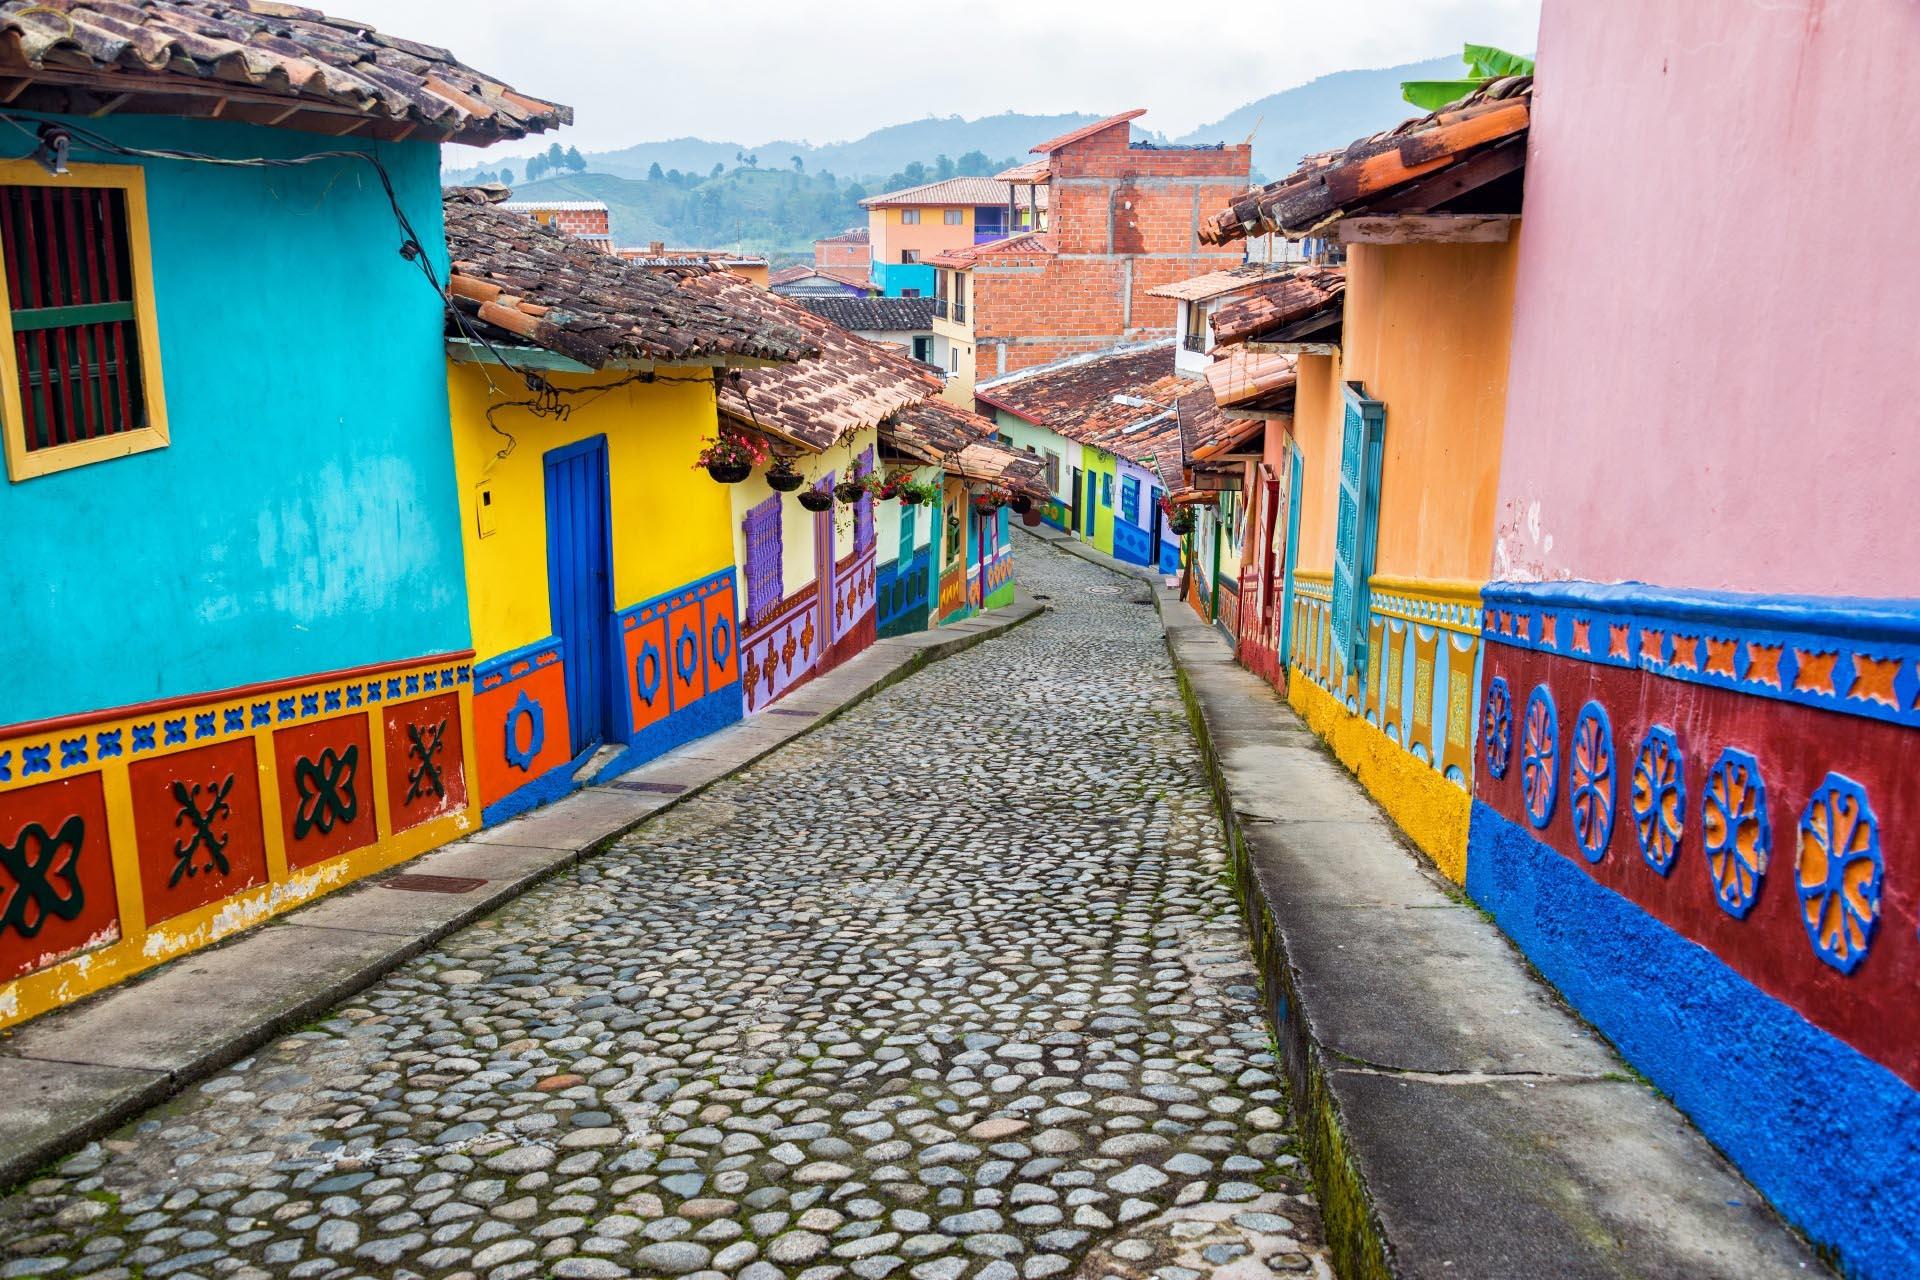 グアタペの街並み コロンビア